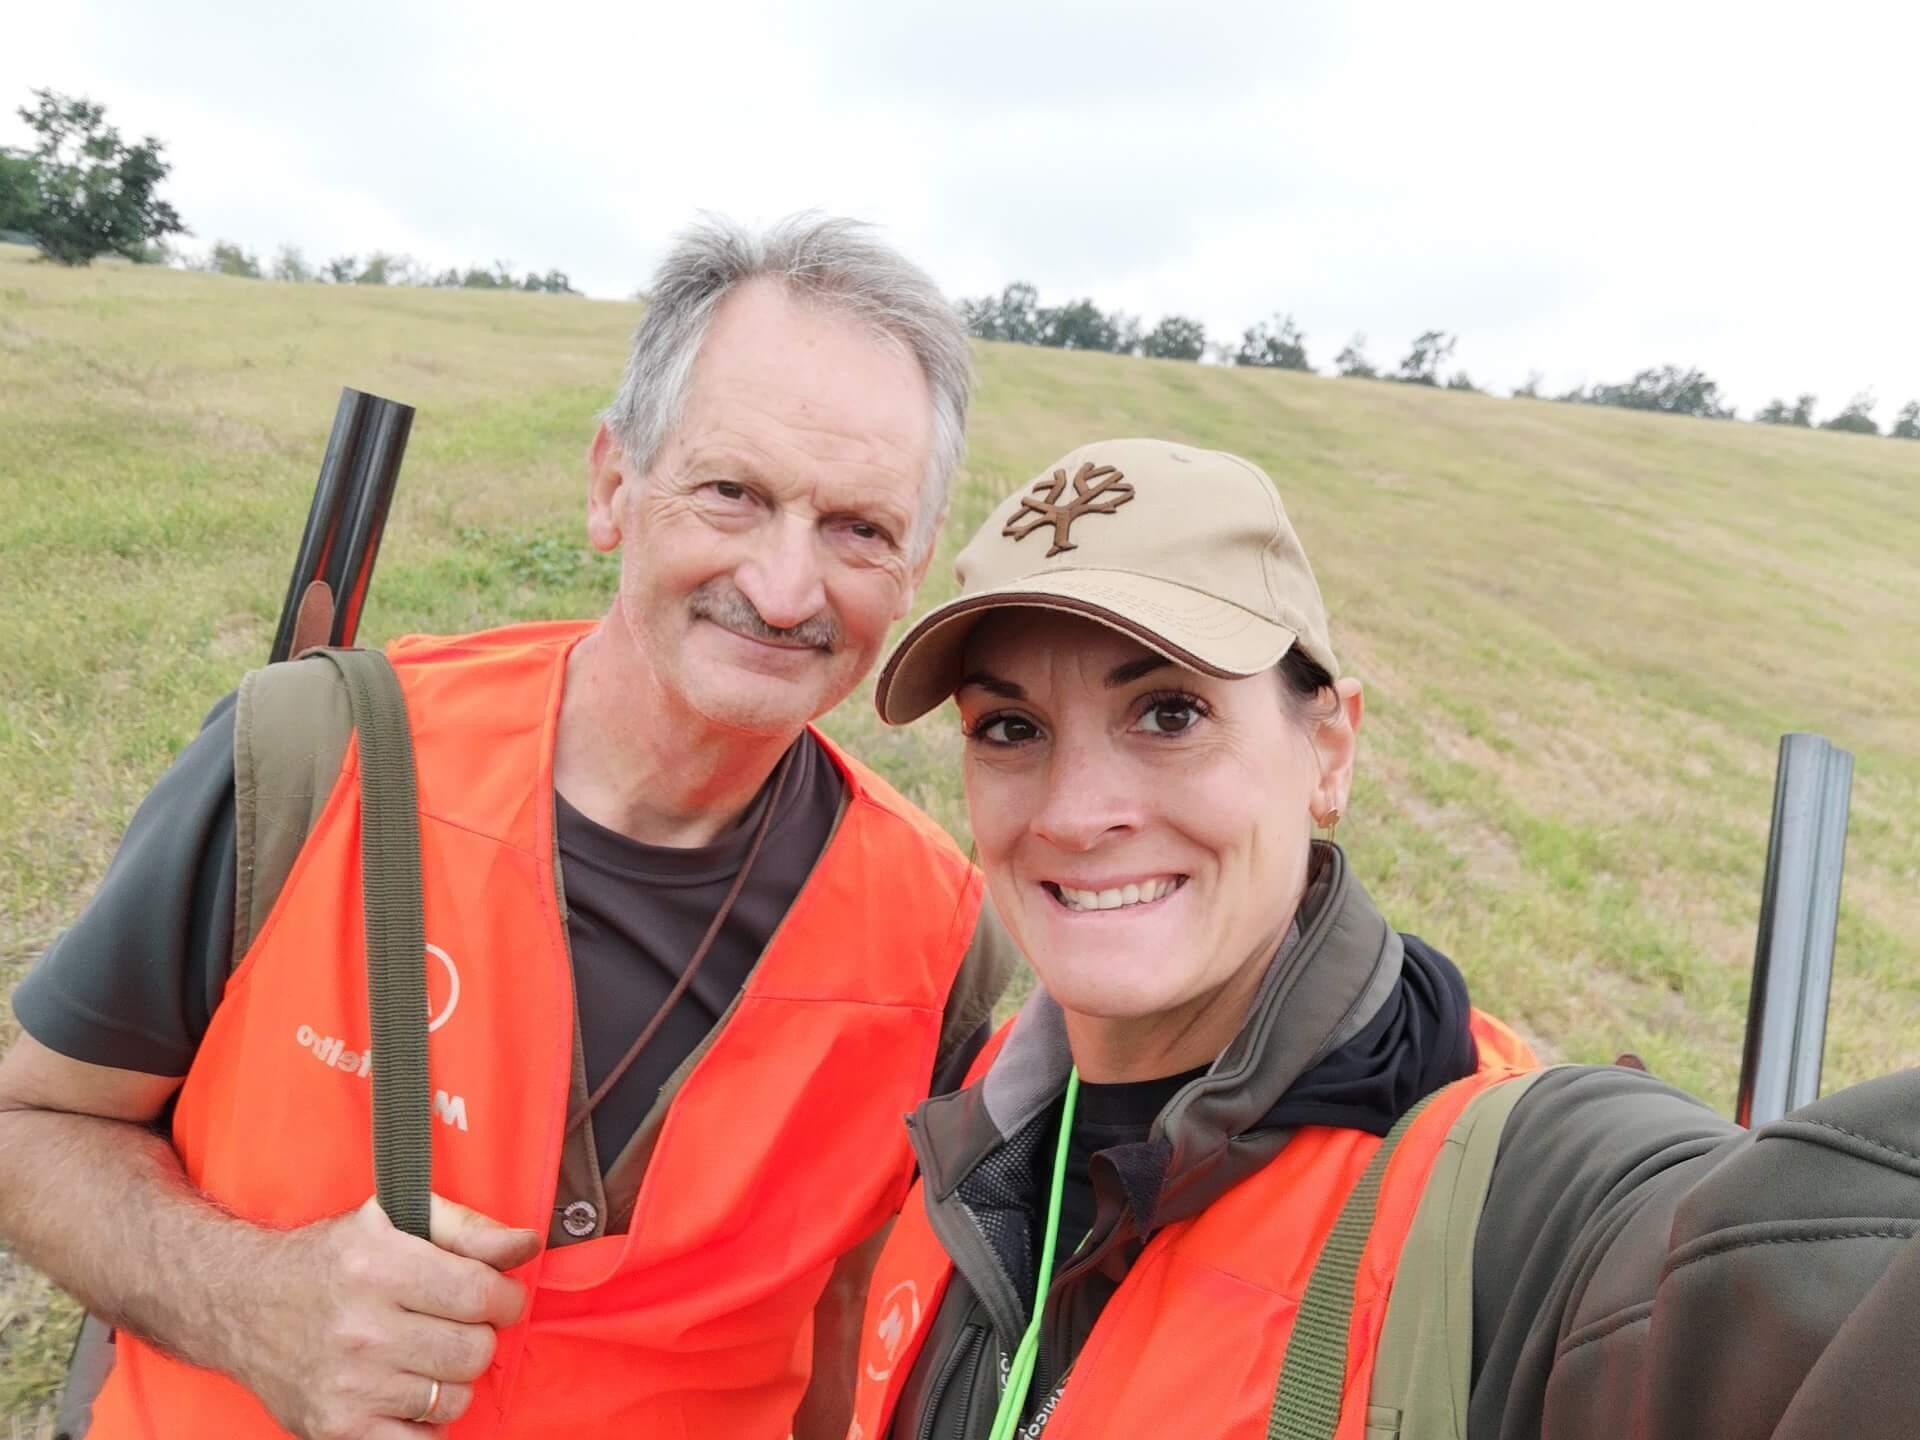 prove tecniche armi sul campo in riserva di caccia